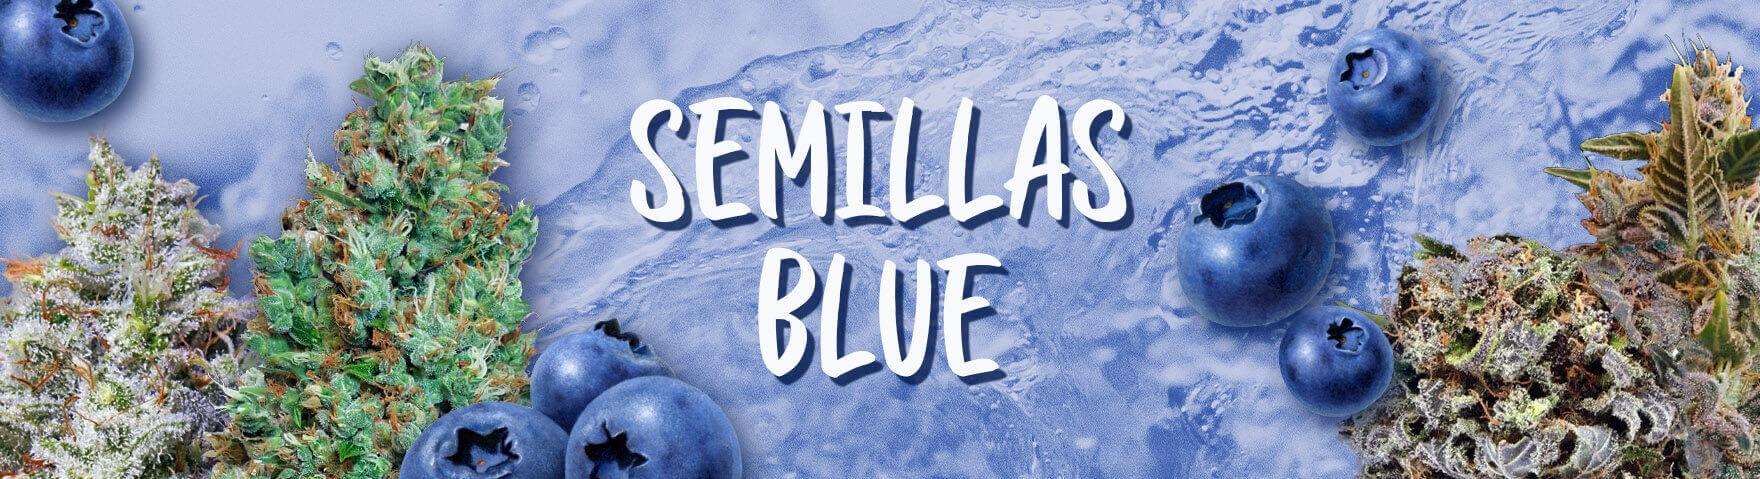 Semillas Blue